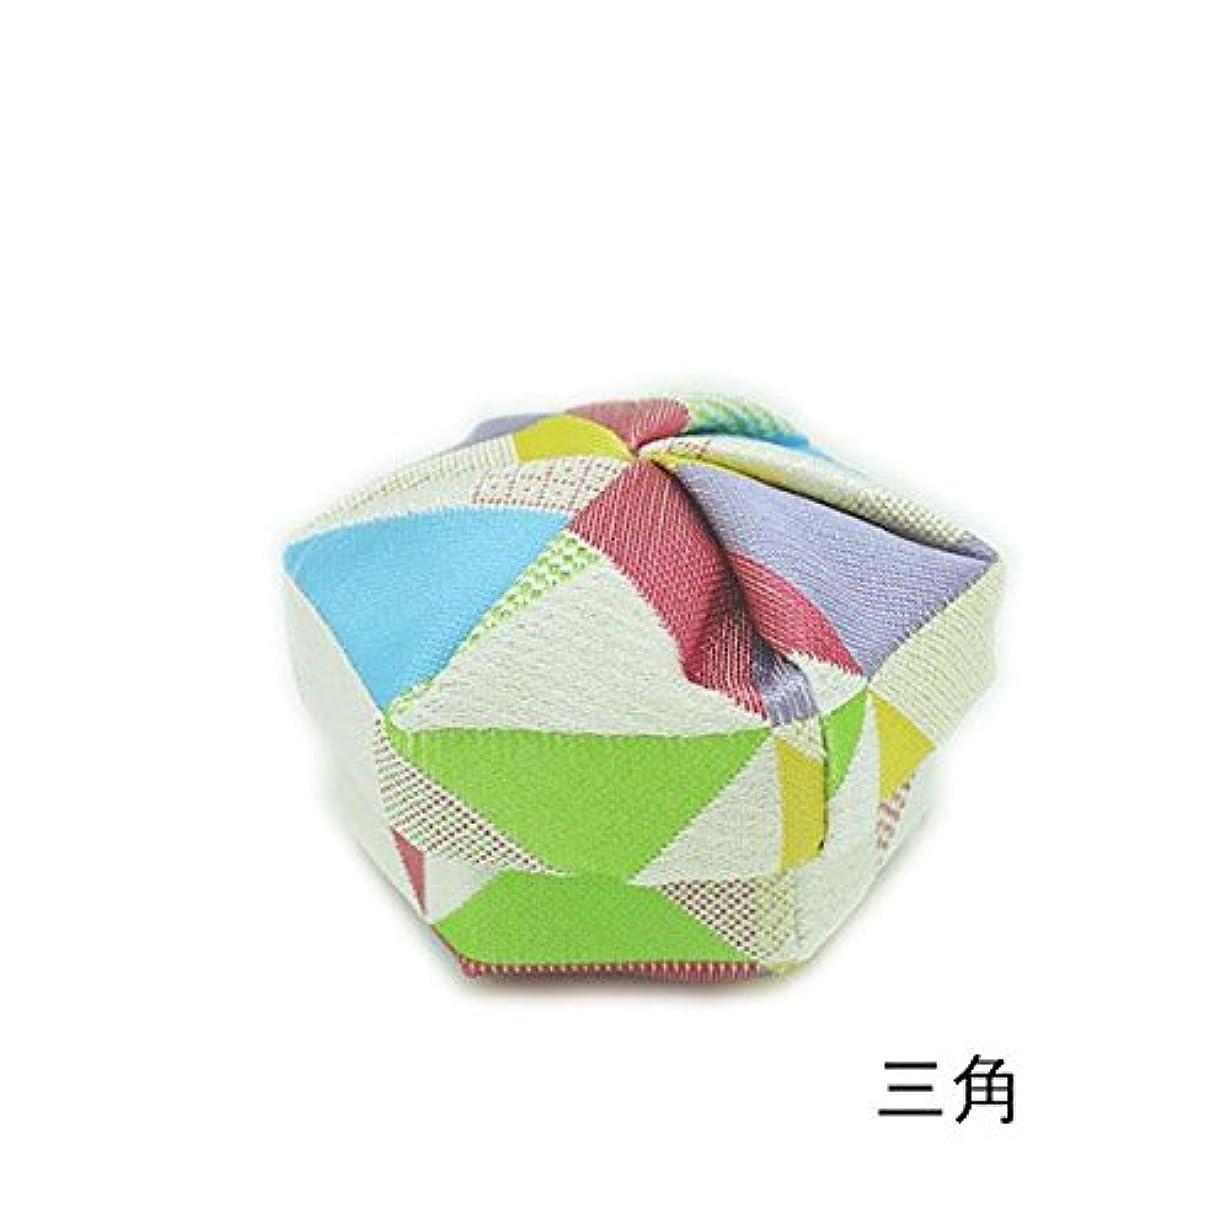 簡単な違法悪行なにいろ 布香合  (三角)